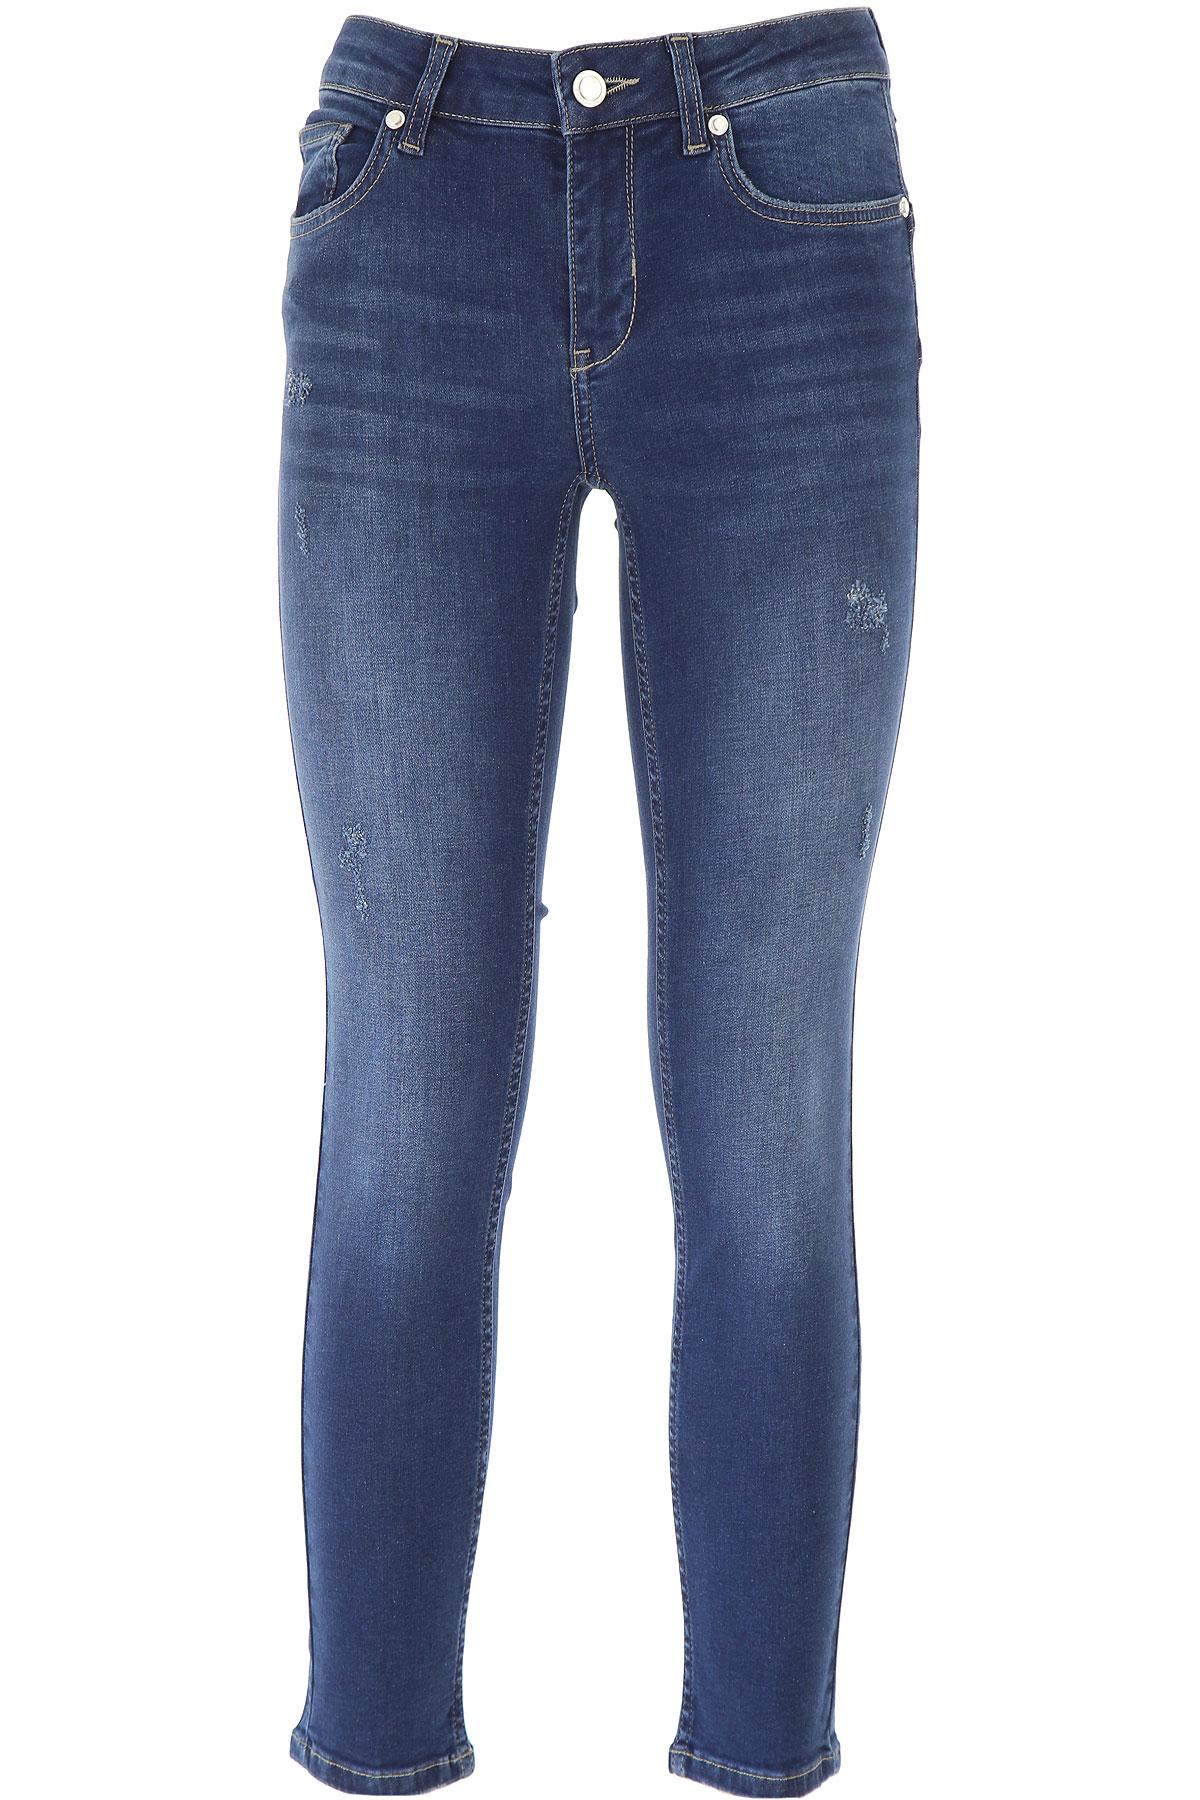 Silvian Heach Jeans On Sale, Dark Blue, Cotton, 2019, 27 28 29 30 31